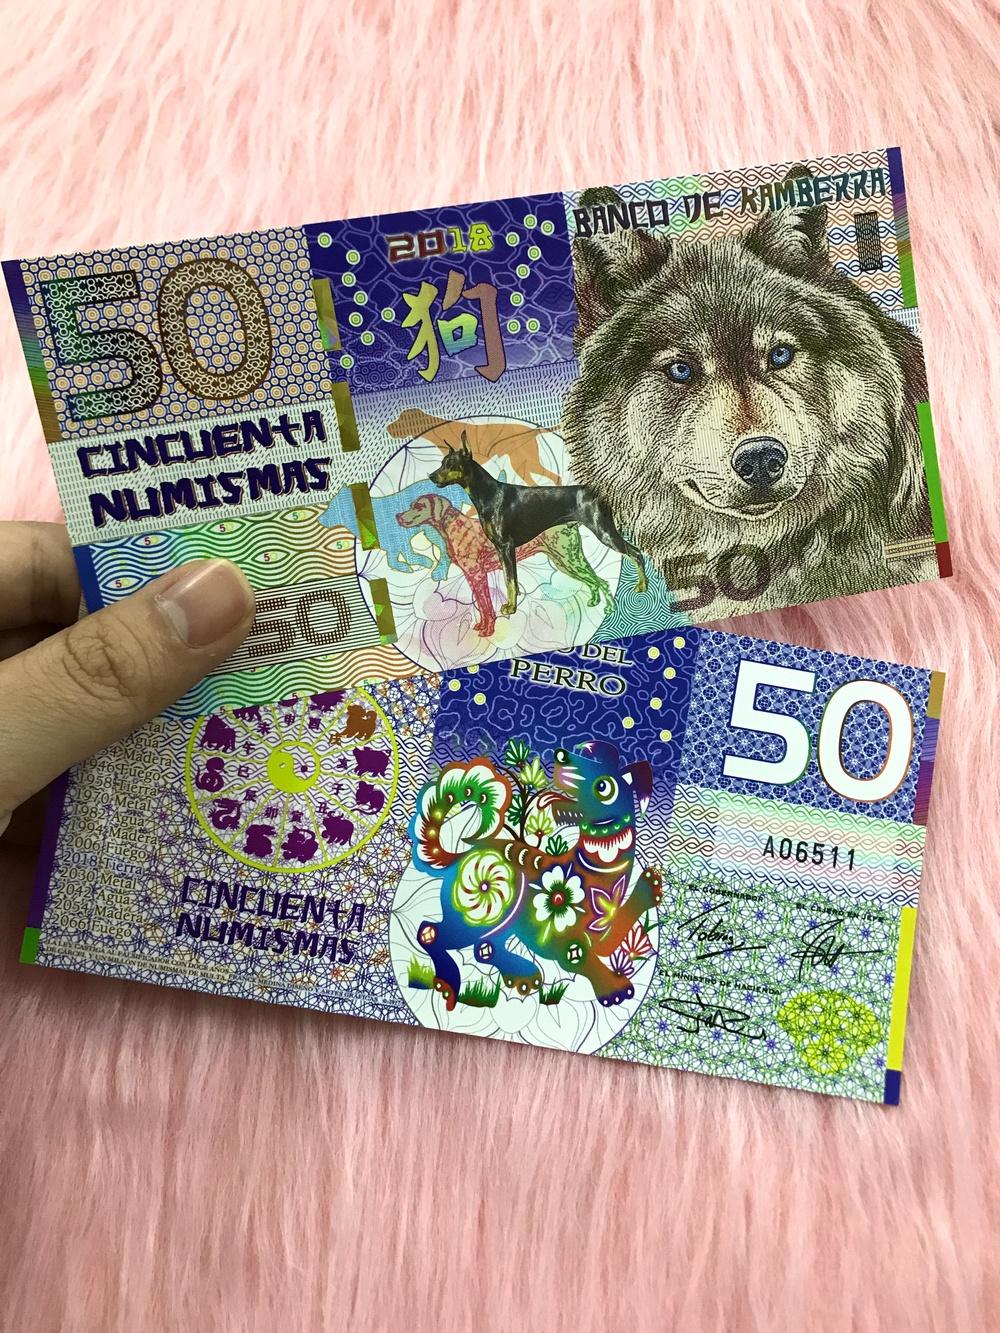 Tờ tiền in hình con chó Kambera của Úc 50 Numismas lưu niệm, dùng để sưu tầm, quà tặng lì xì người tuổi Tuất - tặng kèm bao lì xì đỏ - The Merrick Mint